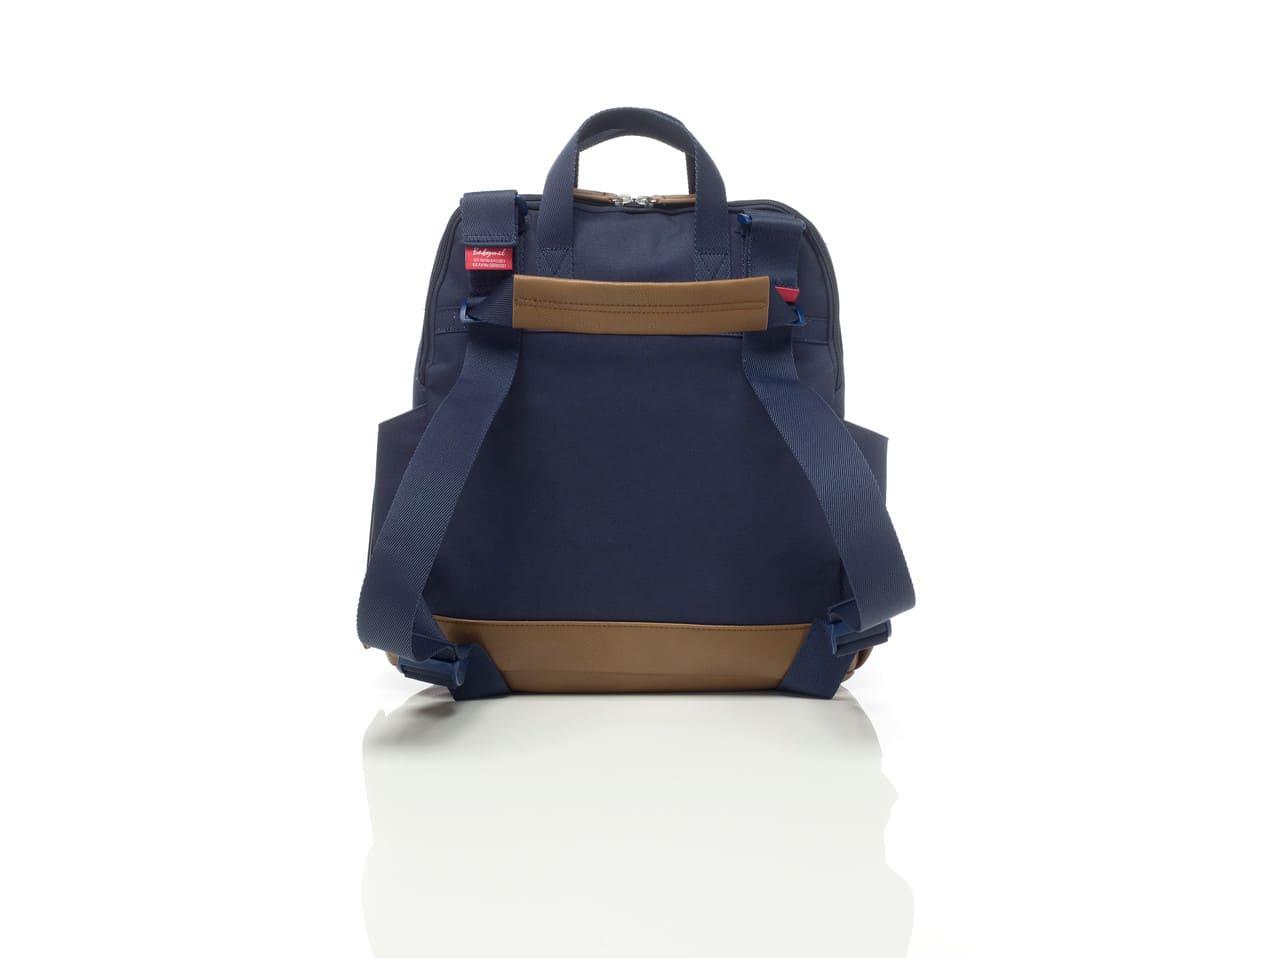 BM0418 Sac a dos a langer Robyn Convertible Backpack Navy Dos Babymel Bambinou